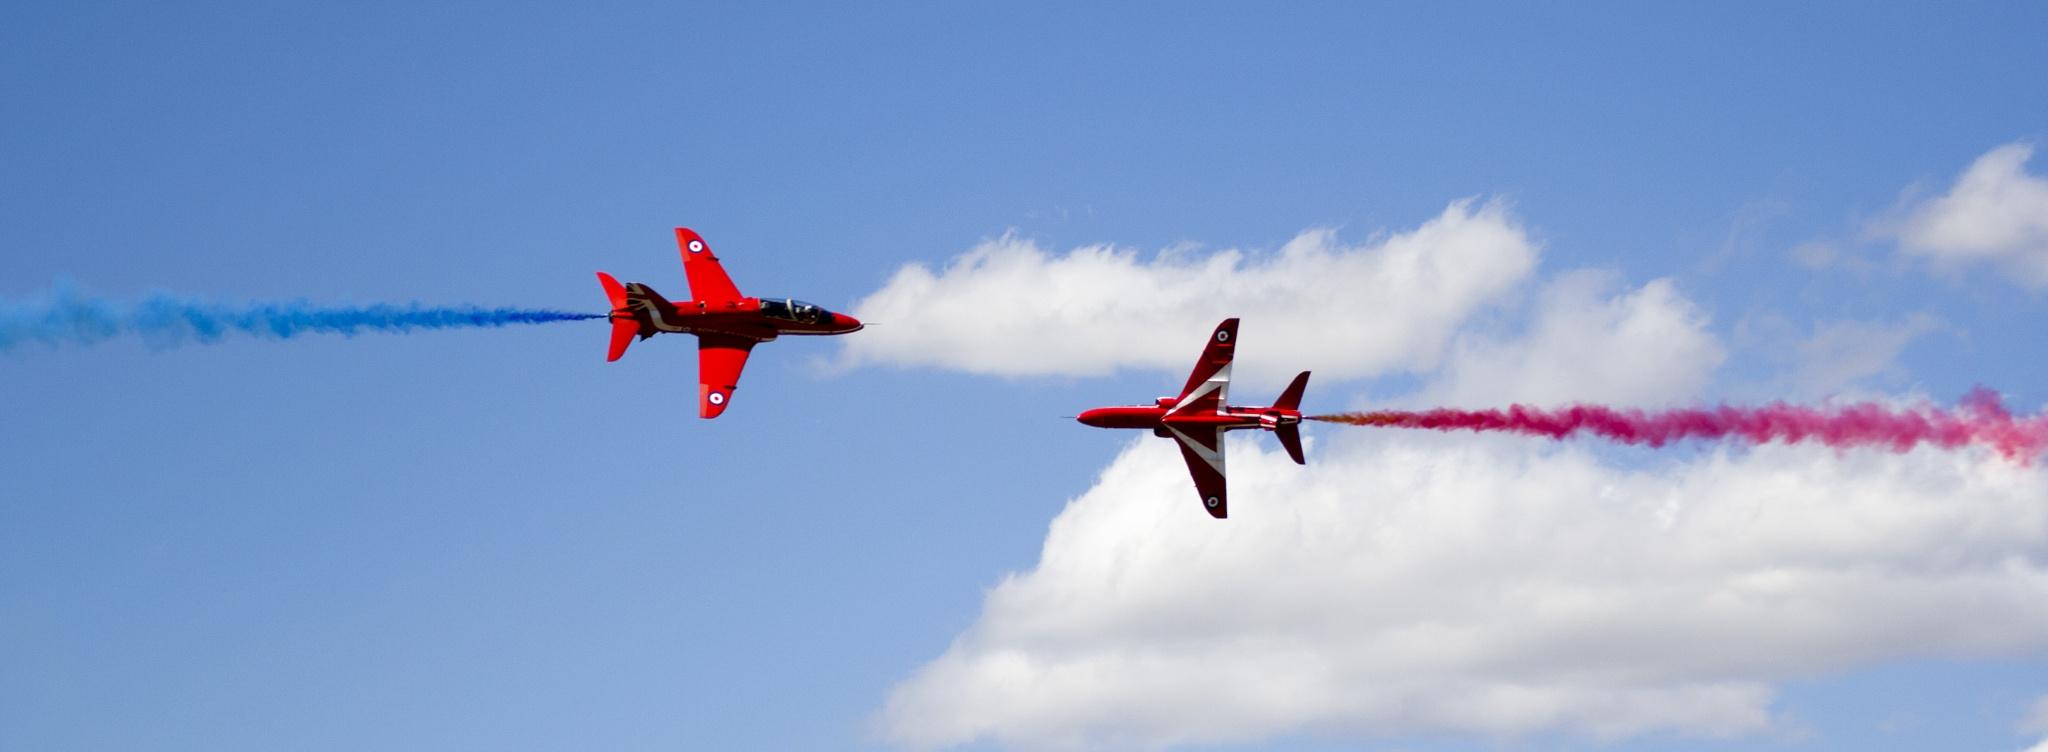 Red Arrows by X3ndar